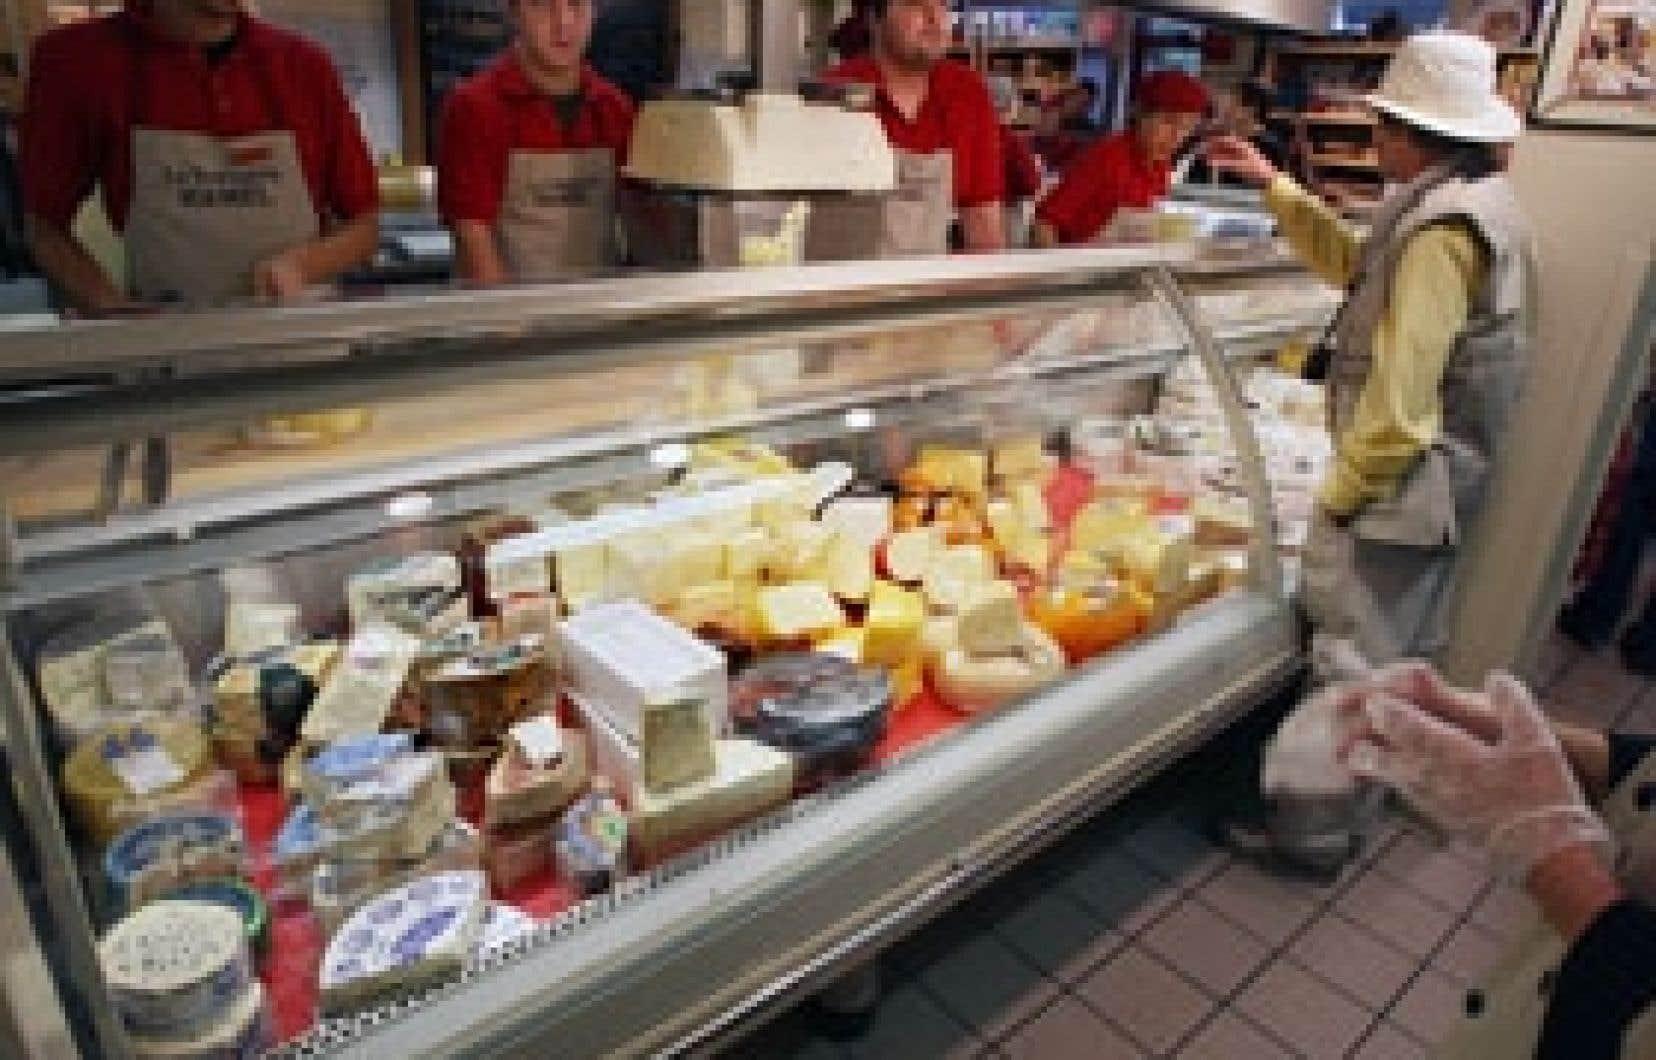 Décidés à ne pas succomber à «l'hystériose», les clients de la fromagerie Hamel du marché Jean-Talon ne se sont pas inquiétés outre mesure de la visite, la veille, d'un inspecteur du ministère de l'Agriculture qui a exigé la destruction